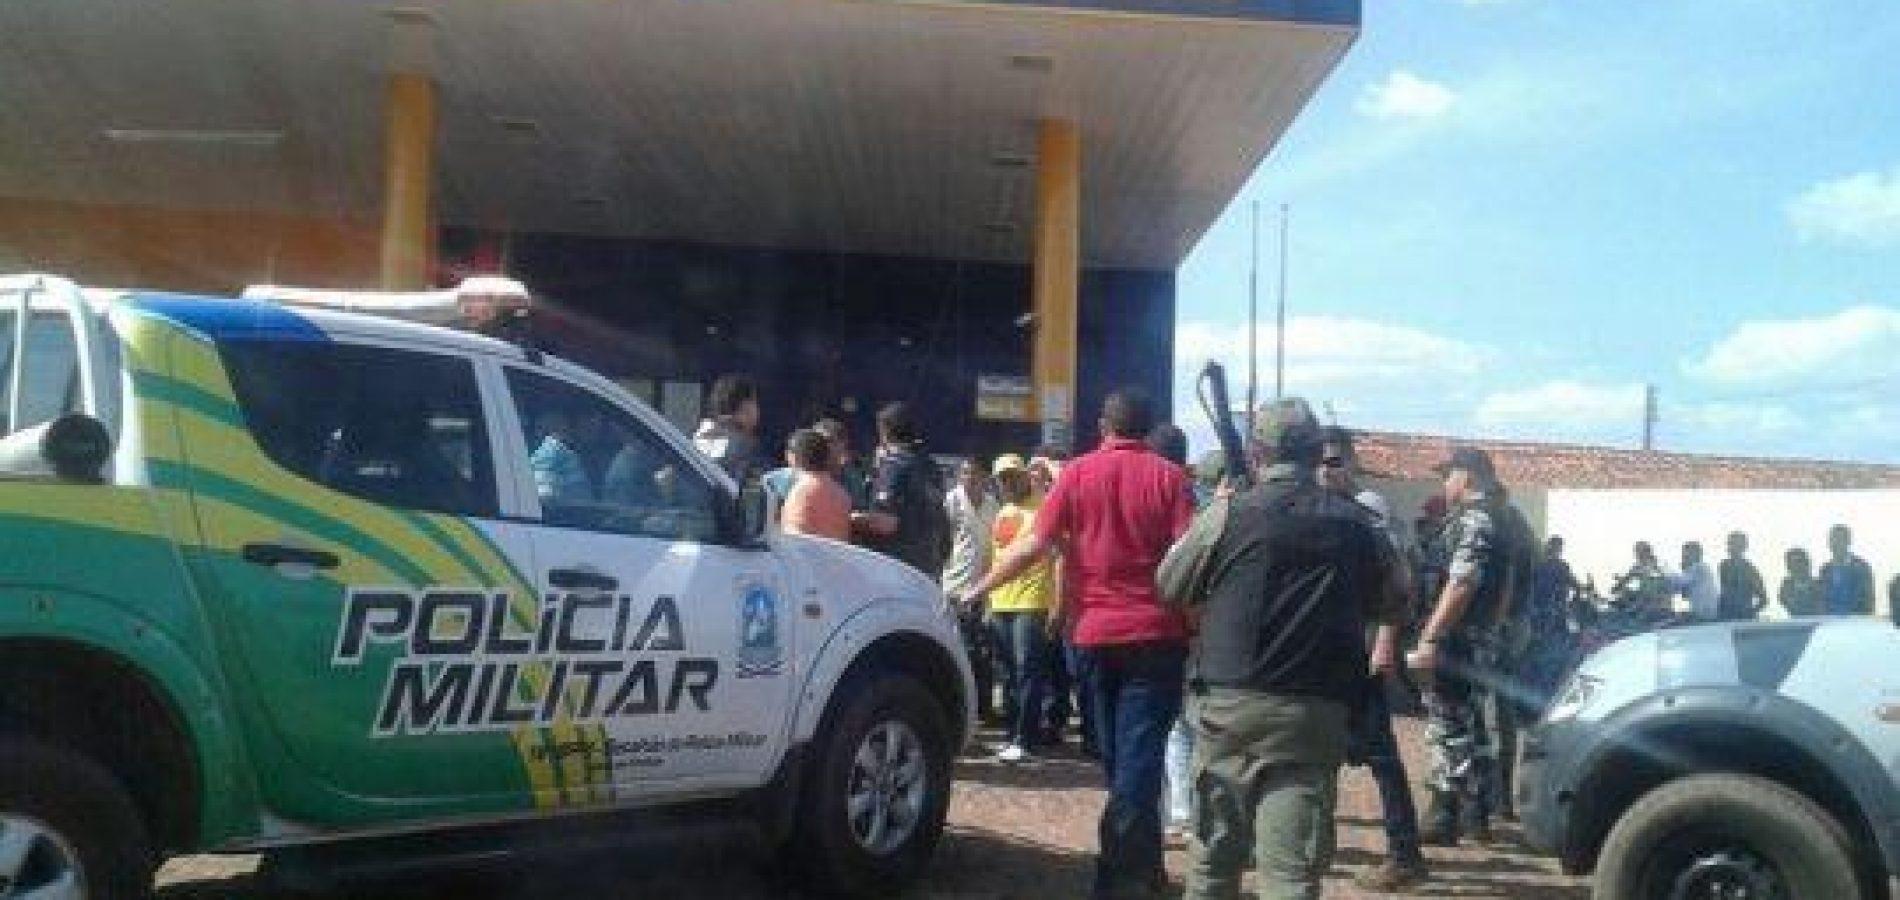 Bandidos armados rendem frentistas e assaltam posto de combustível no Piauí